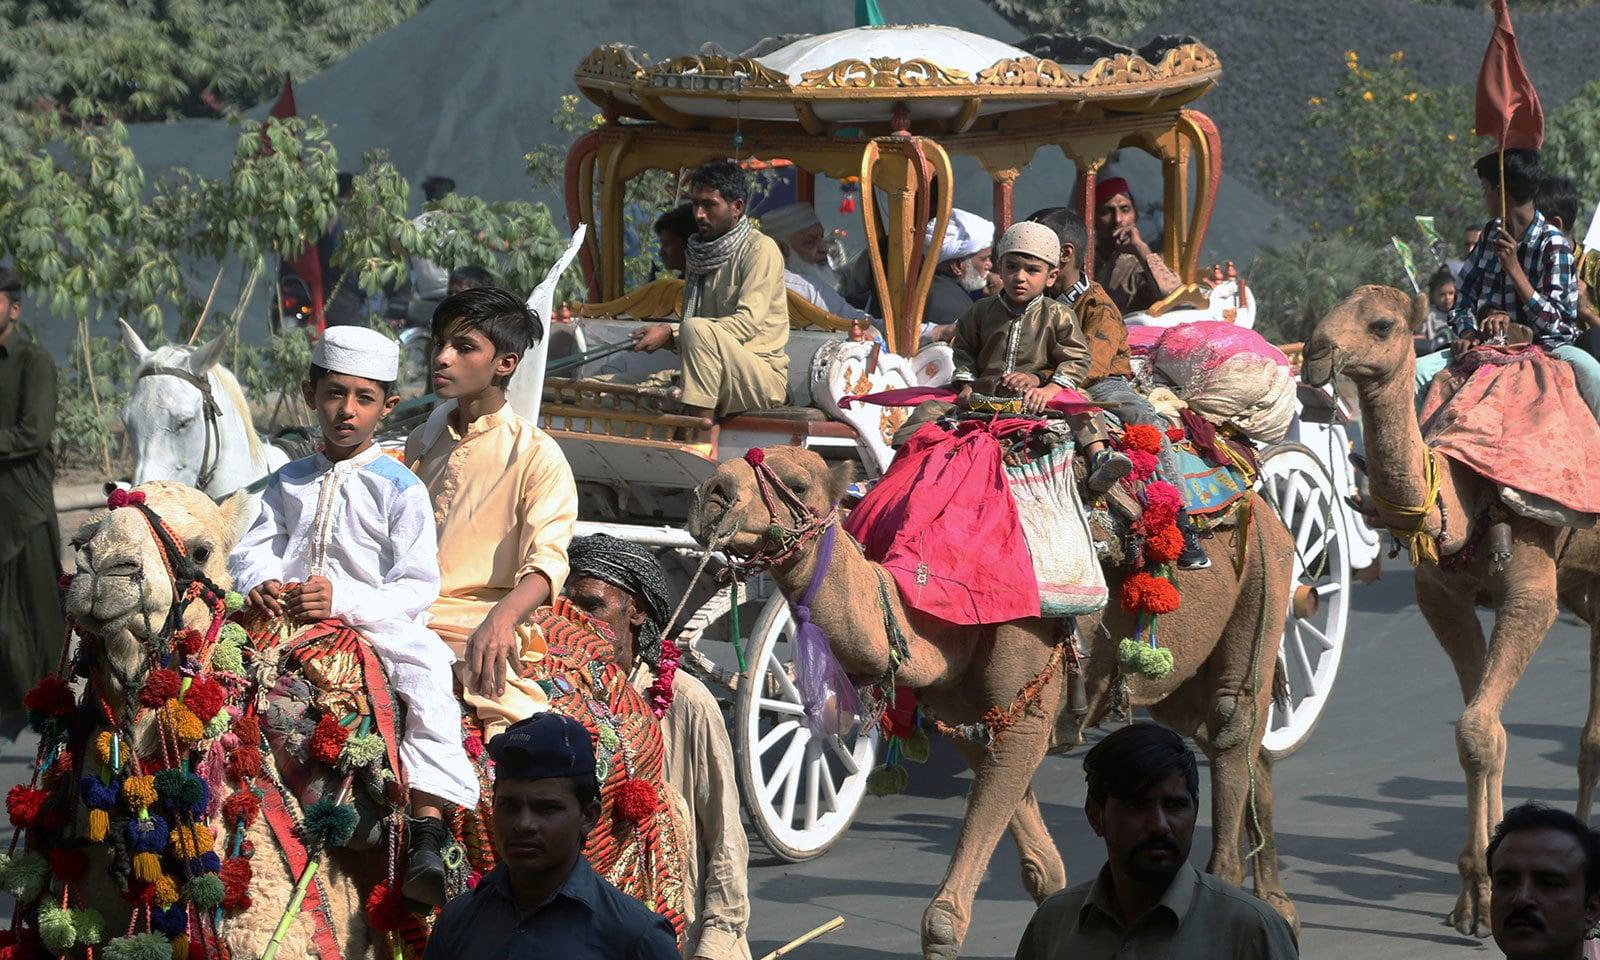 لاہور میں اونٹ سواروں نے بھی جلوس میں شرکت کی—فوٹو:اے پی